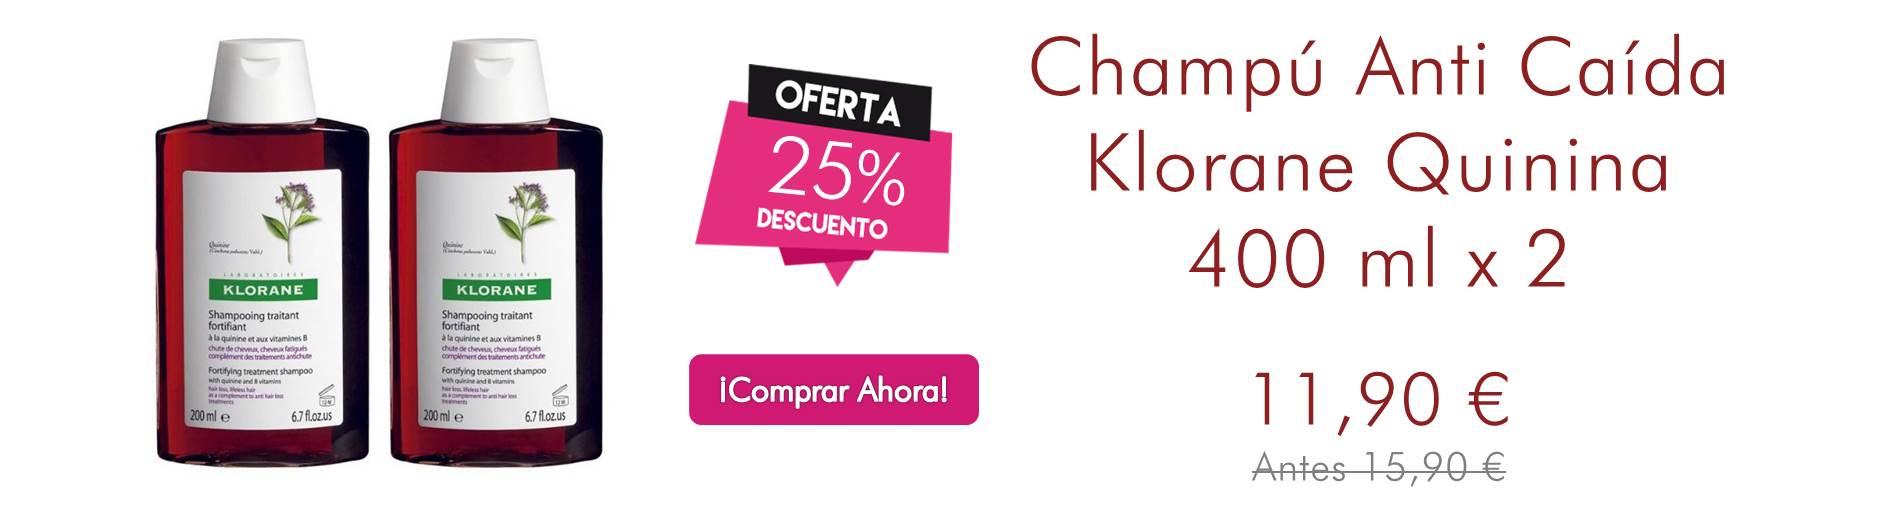 Klorane Quinine400x2